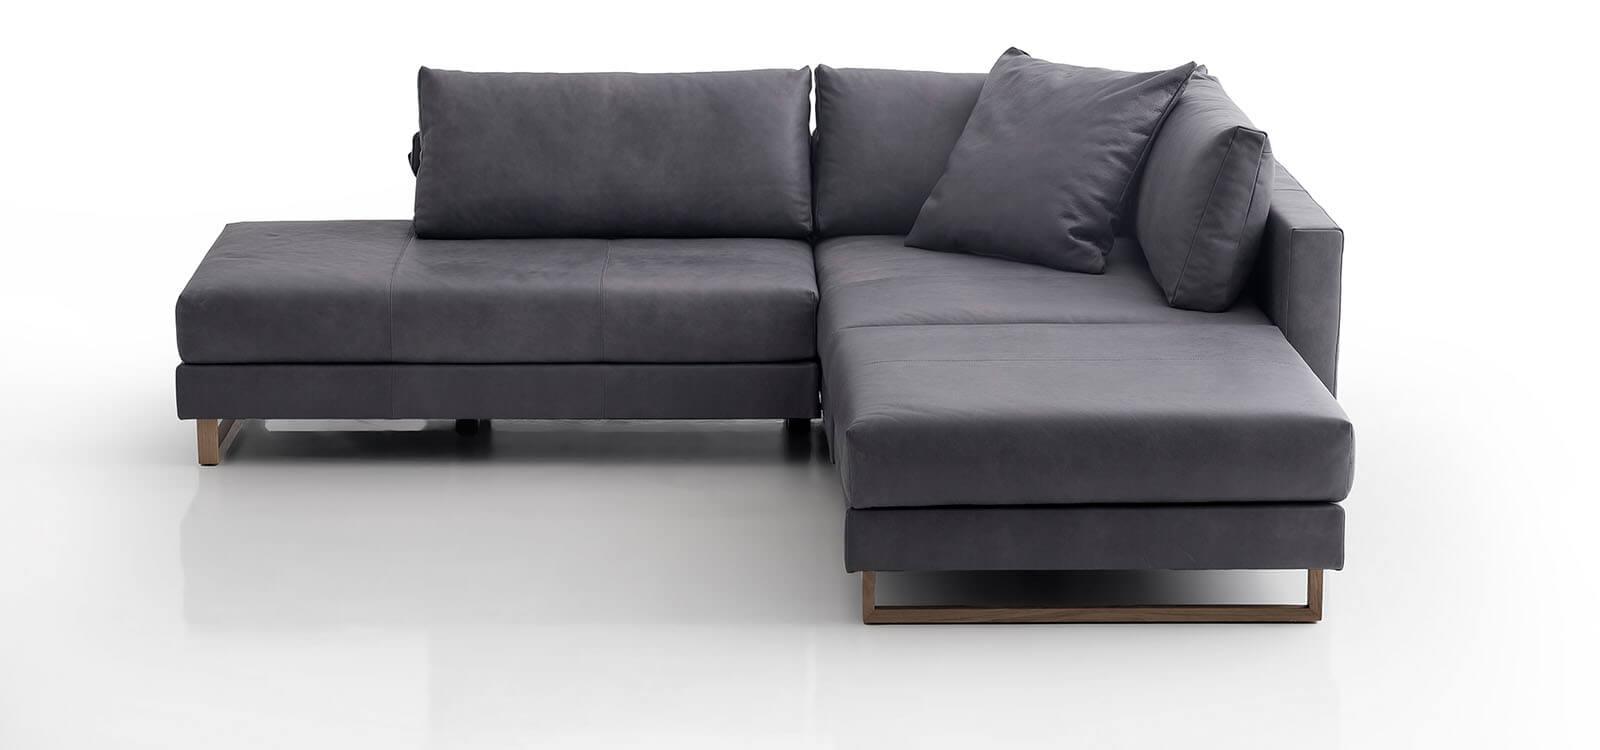 eckgruppe corali mit gro er liegefl che von franz fertig. Black Bedroom Furniture Sets. Home Design Ideas